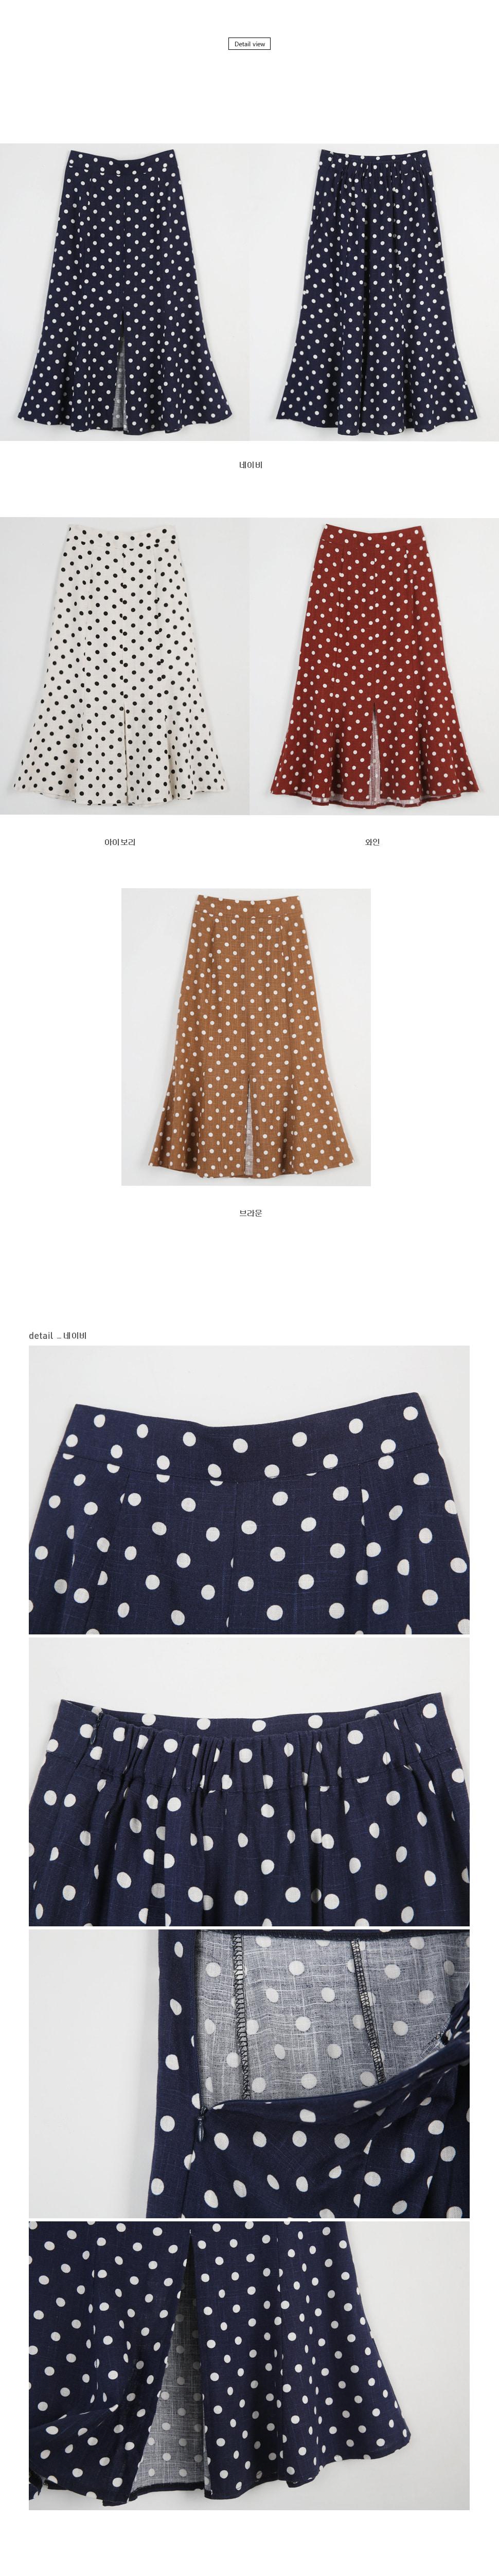 Jelly dot long skirt